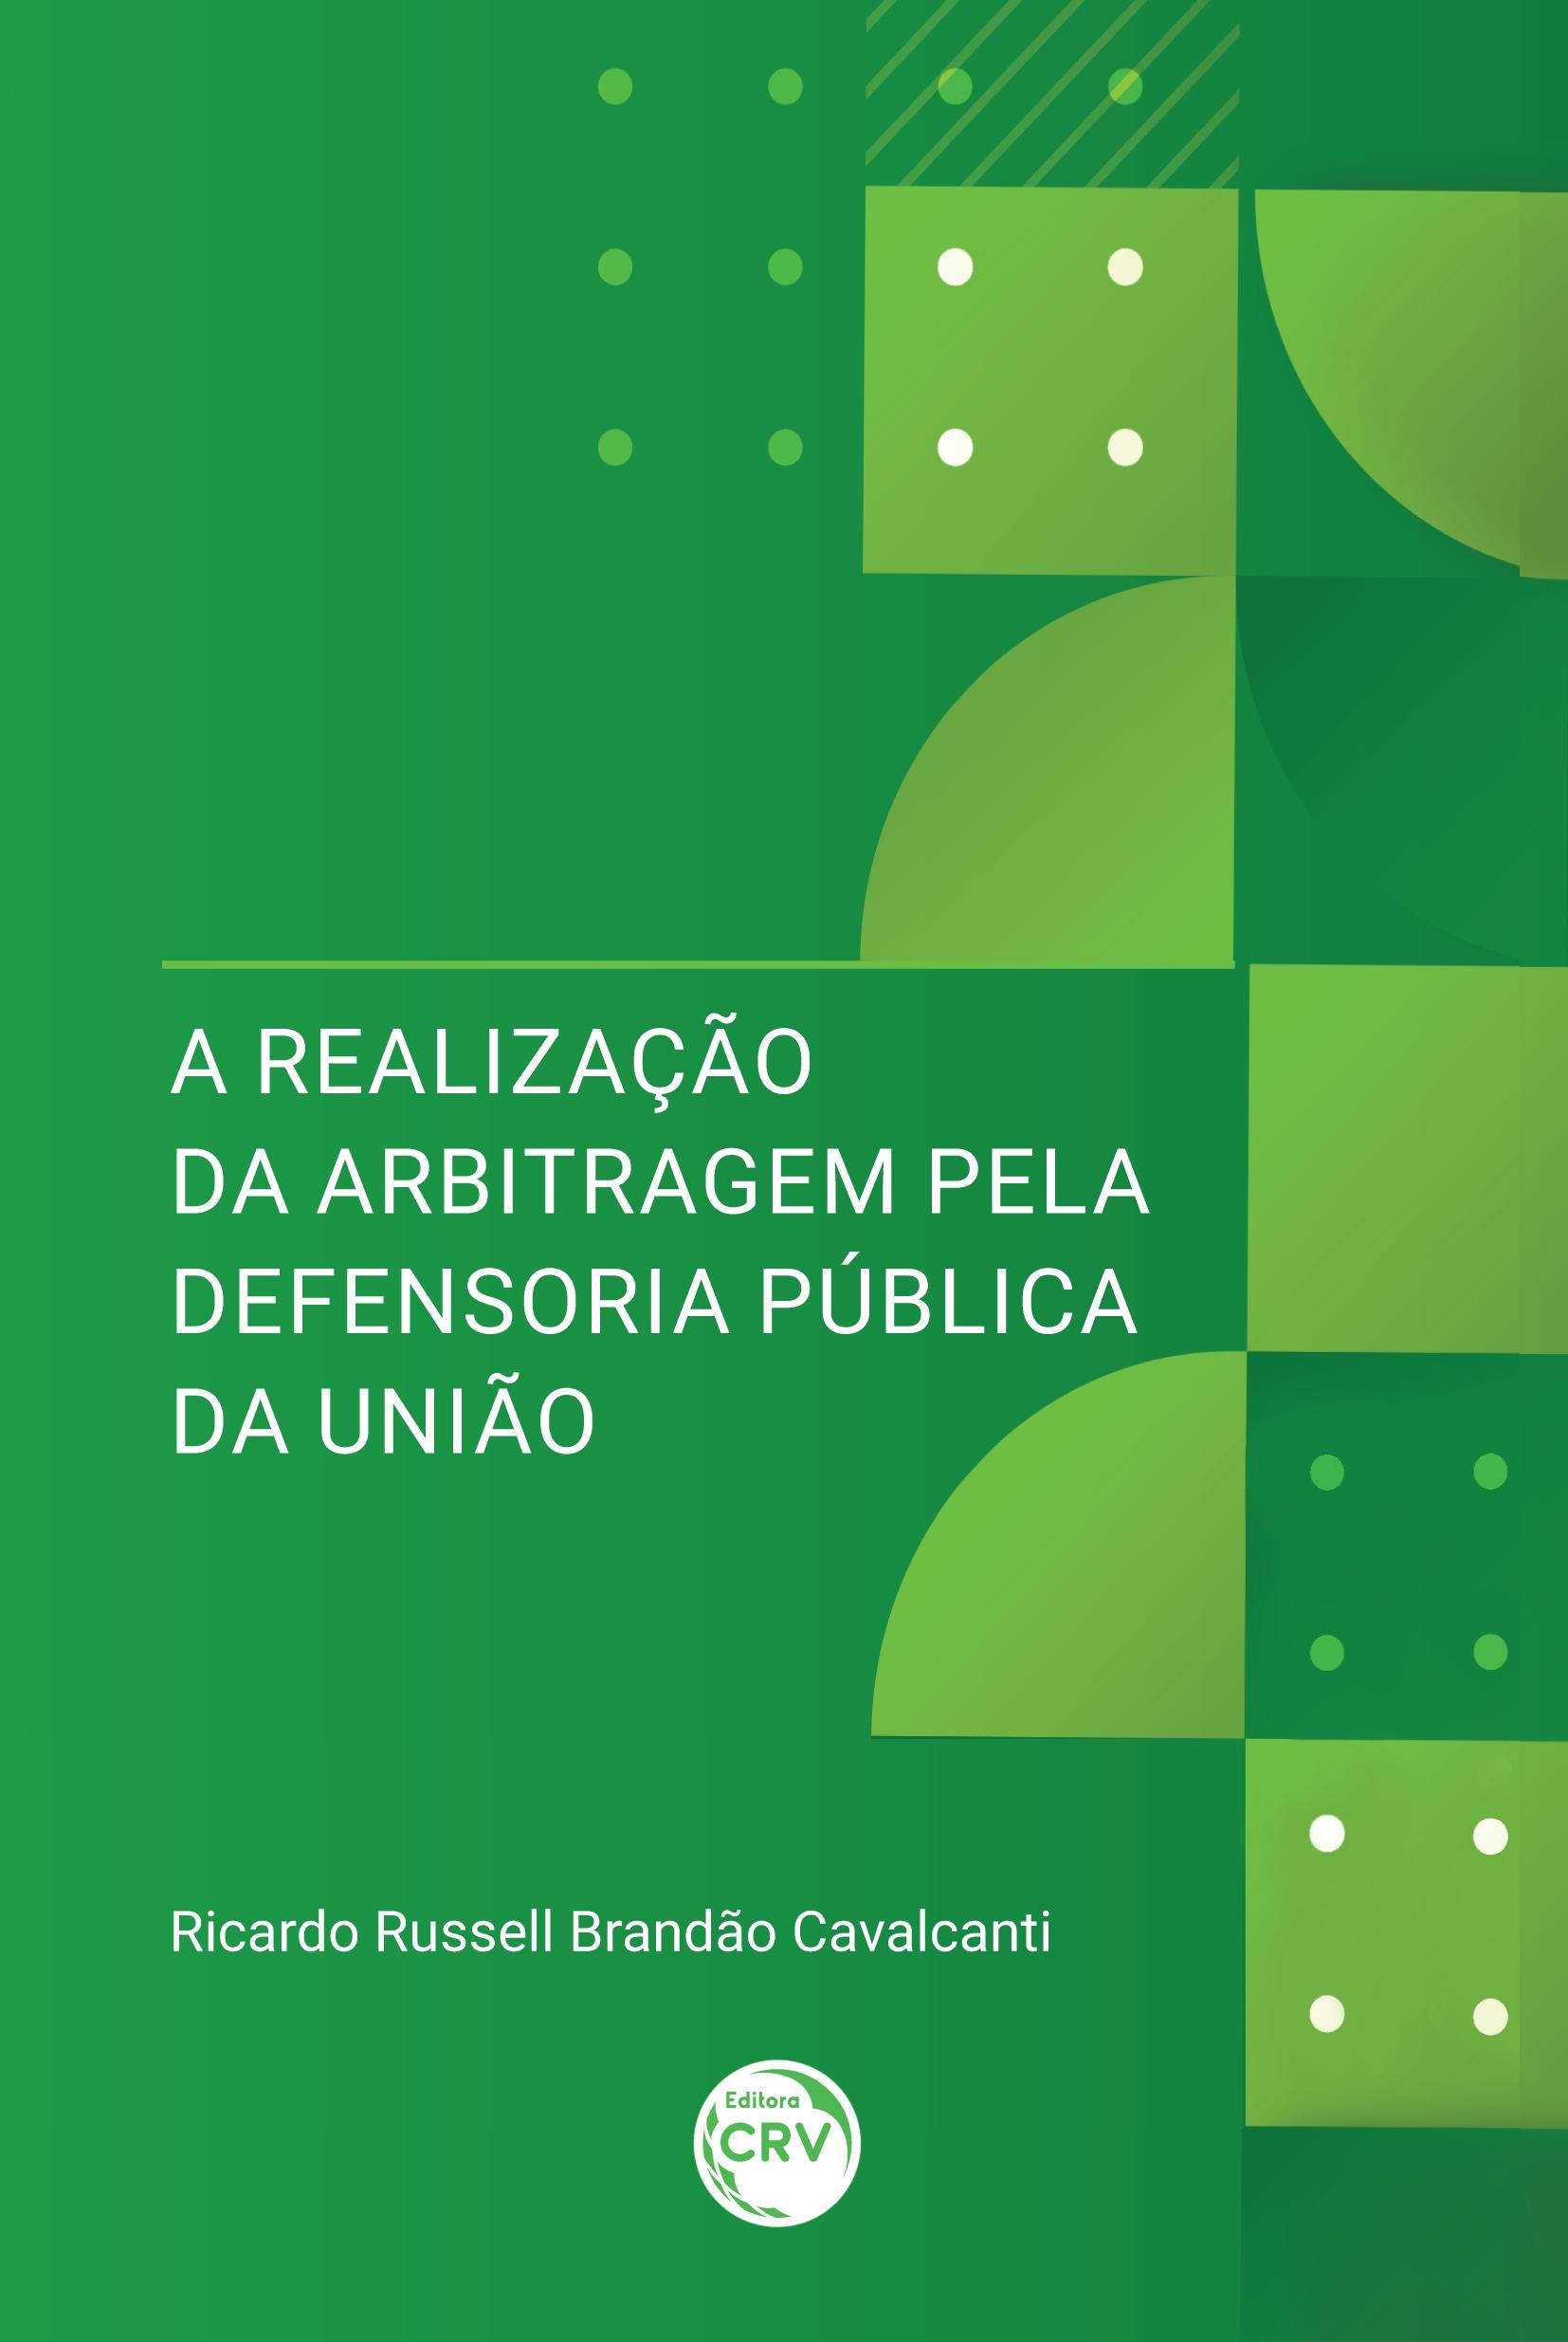 Capa do livro: A REALIZAÇÃO DA ARBITRAGEM PELA DEFENSORIA PÚBLICA DA UNIÃO